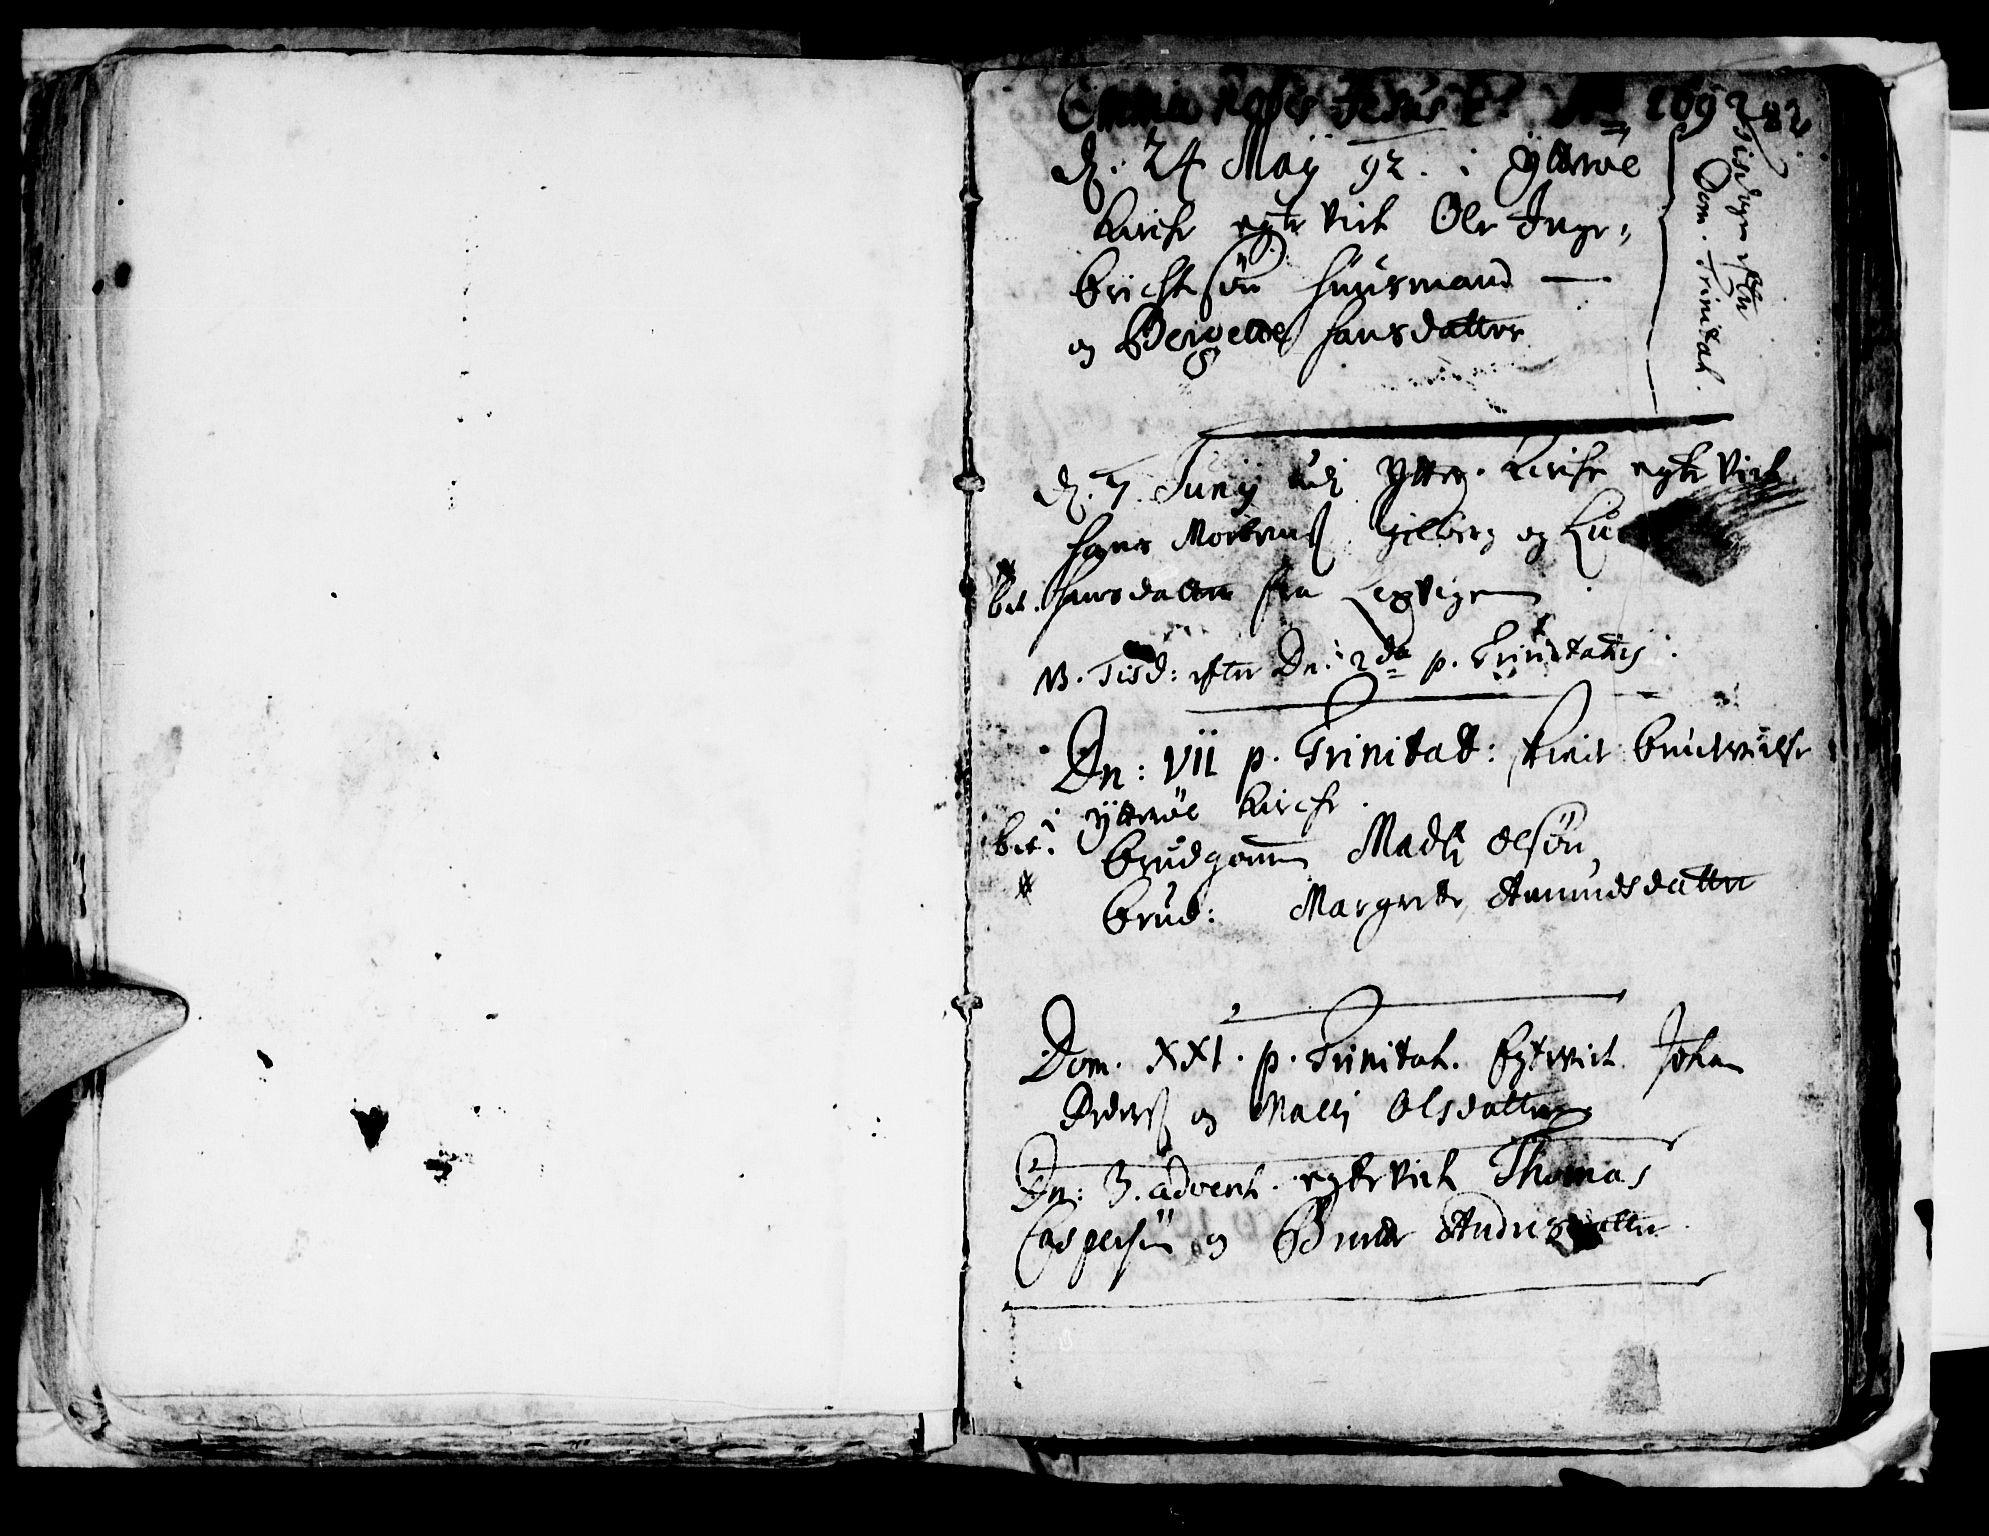 SAT, Ministerialprotokoller, klokkerbøker og fødselsregistre - Nord-Trøndelag, 722/L0214: Ministerialbok nr. 722A01, 1692-1718, s. 82